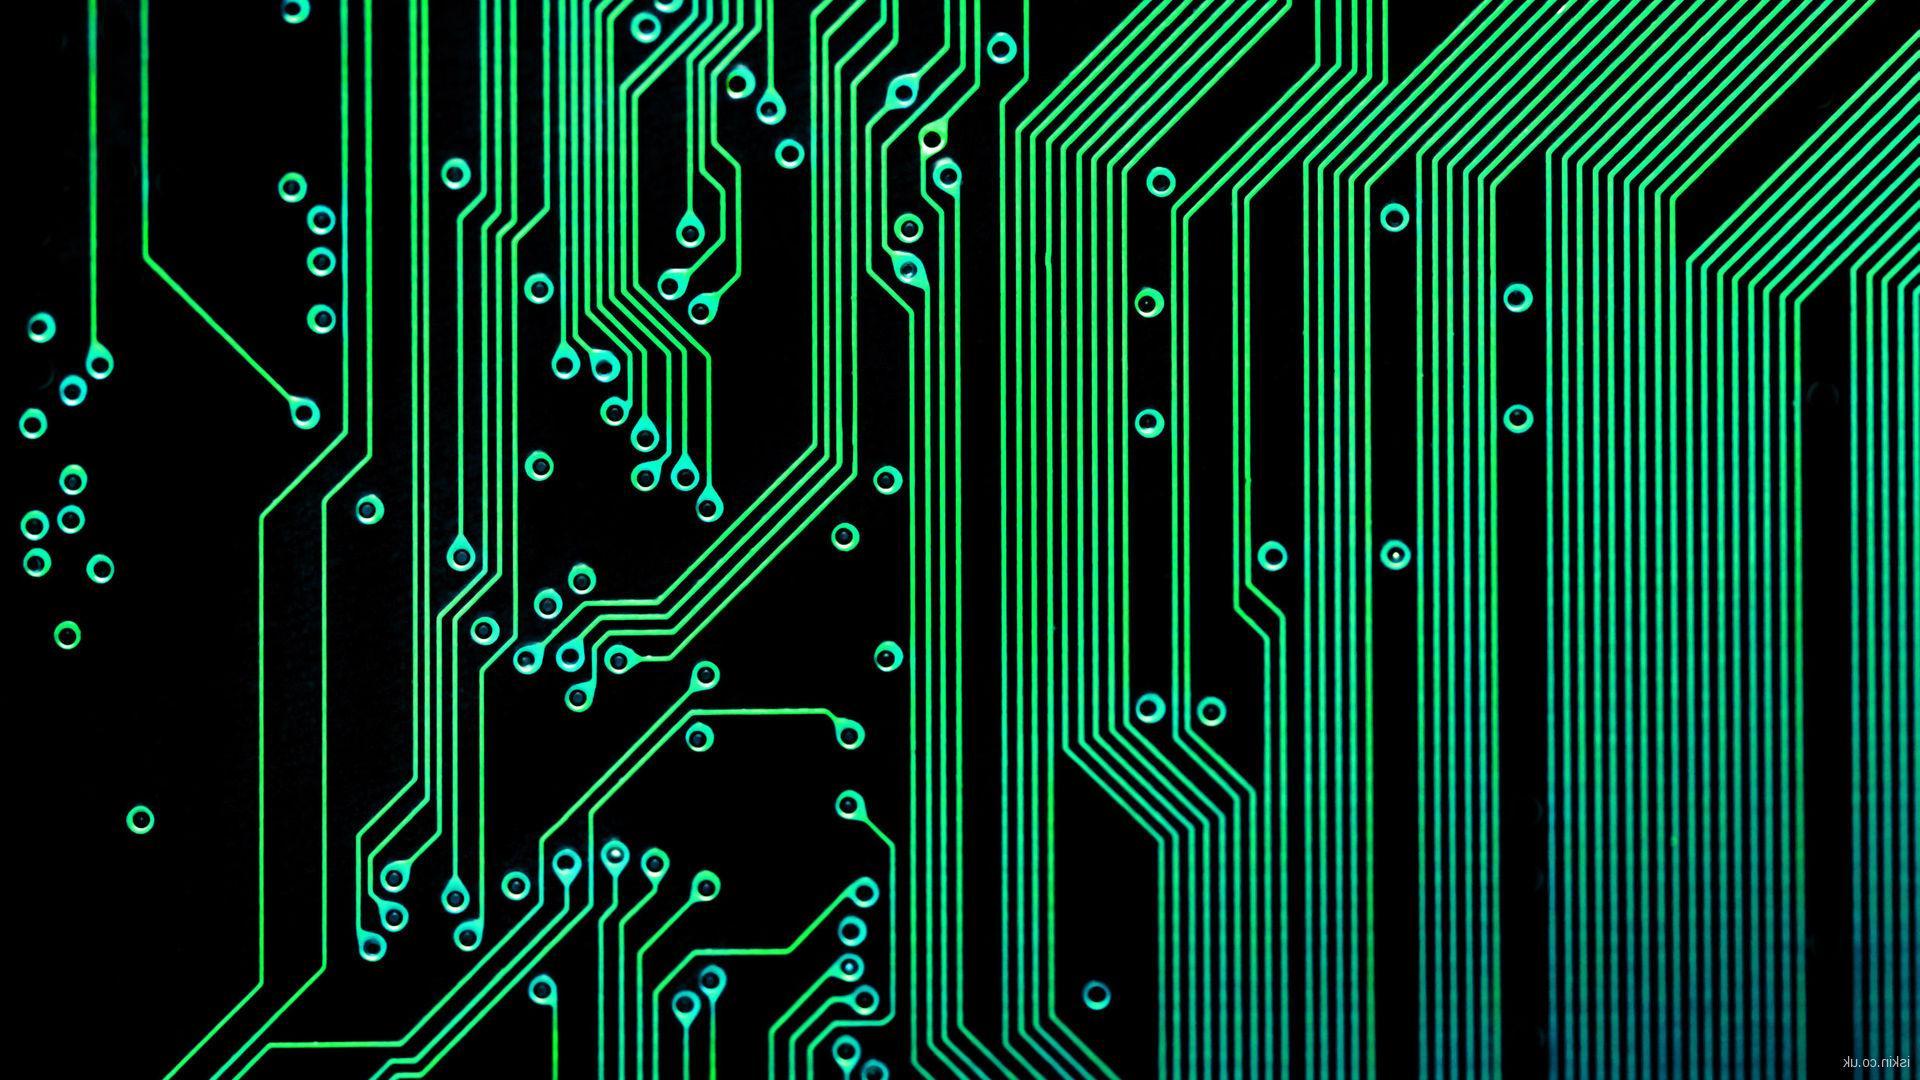 digital circuits wallpaper - Ideal.vistalist.co